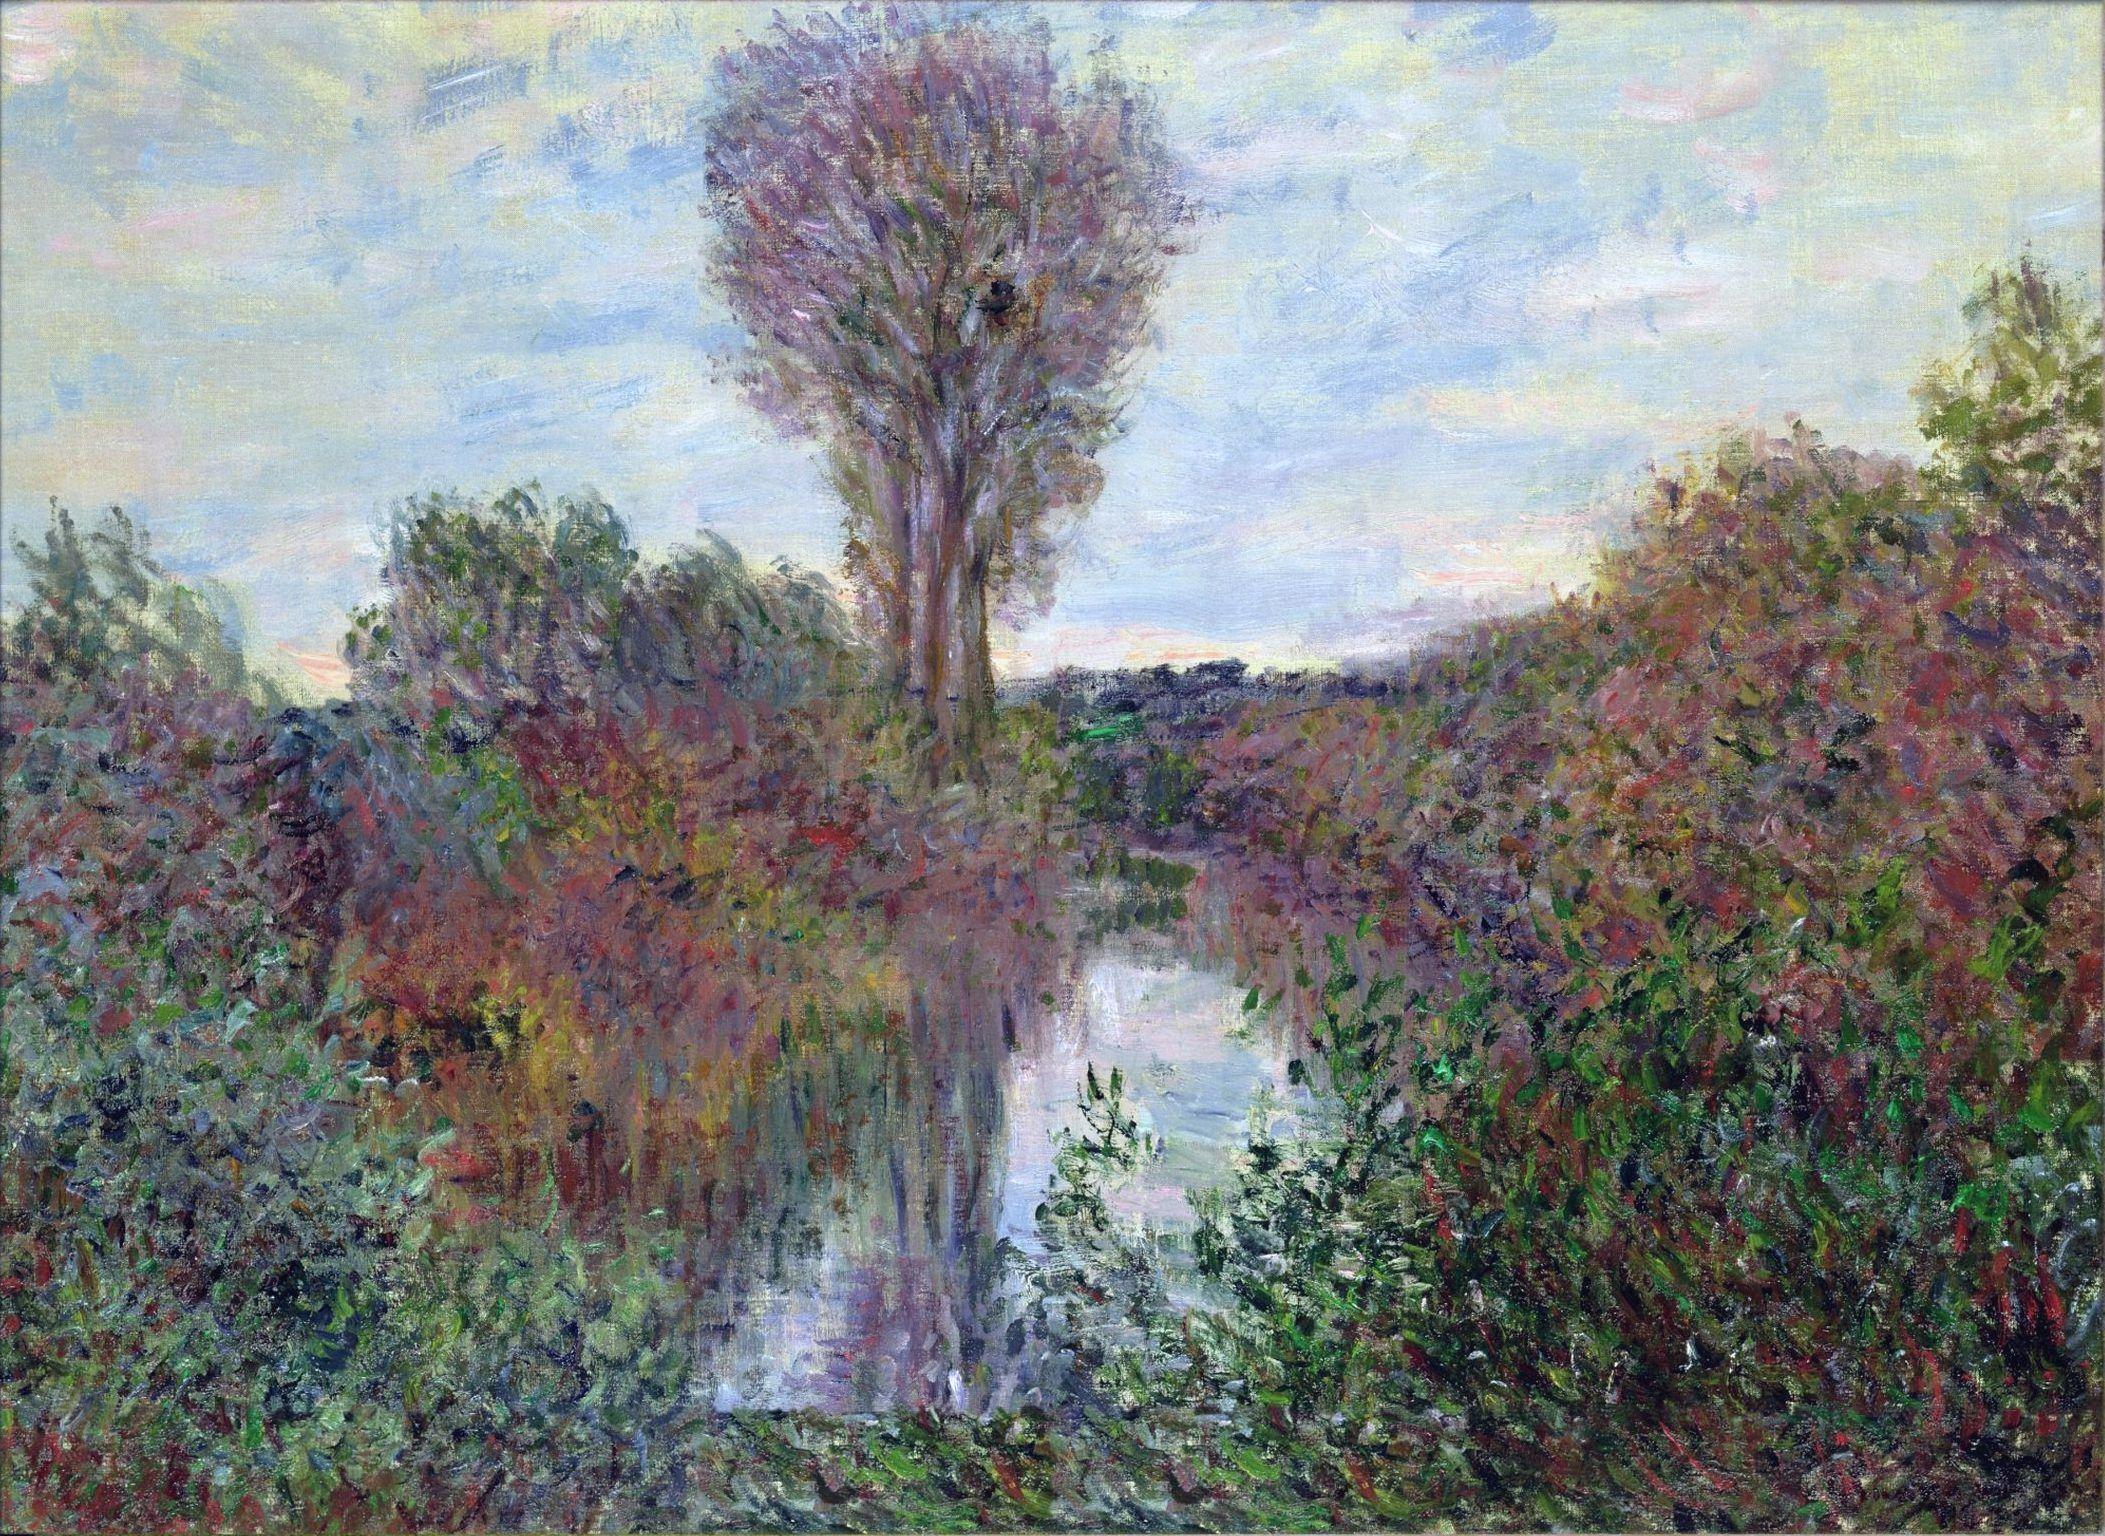 Artworks by Oscar Claude Monet (3 часть) (321 работ) » Страница 6 »  Картины, художники, фотографы на Nevsepic